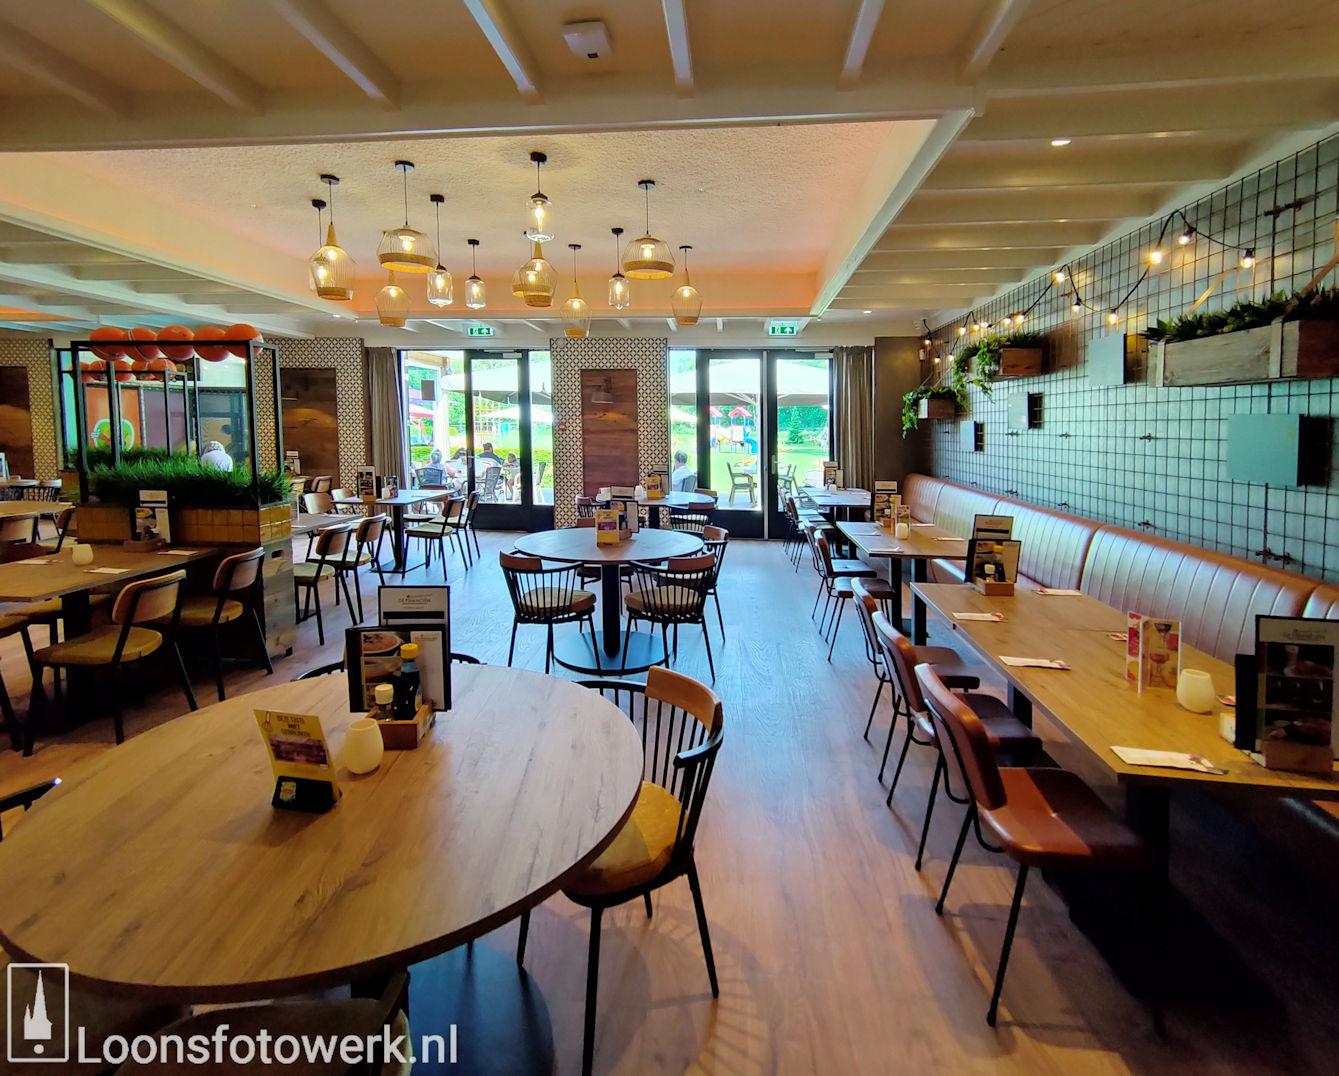 Pannenkoekenrestaurant De Financiën 69